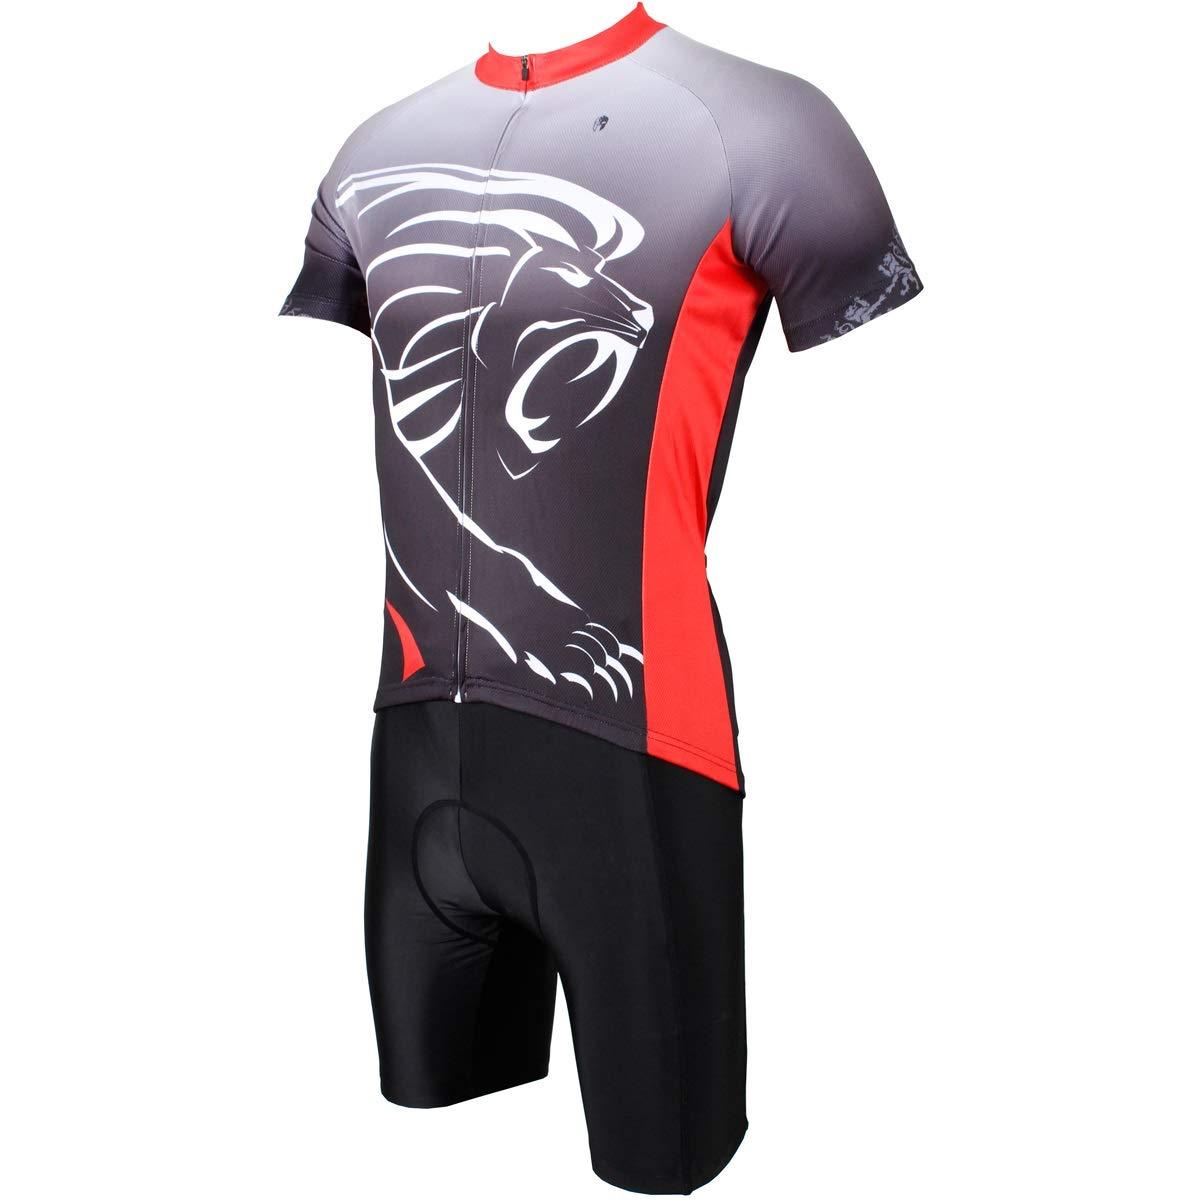 Sommer Gute Qualität Fahrrad Sport Essential Outdoor Bekleidung Quick Dry Fahrrad Reitanzug Fahrradtrikot LPLHJD